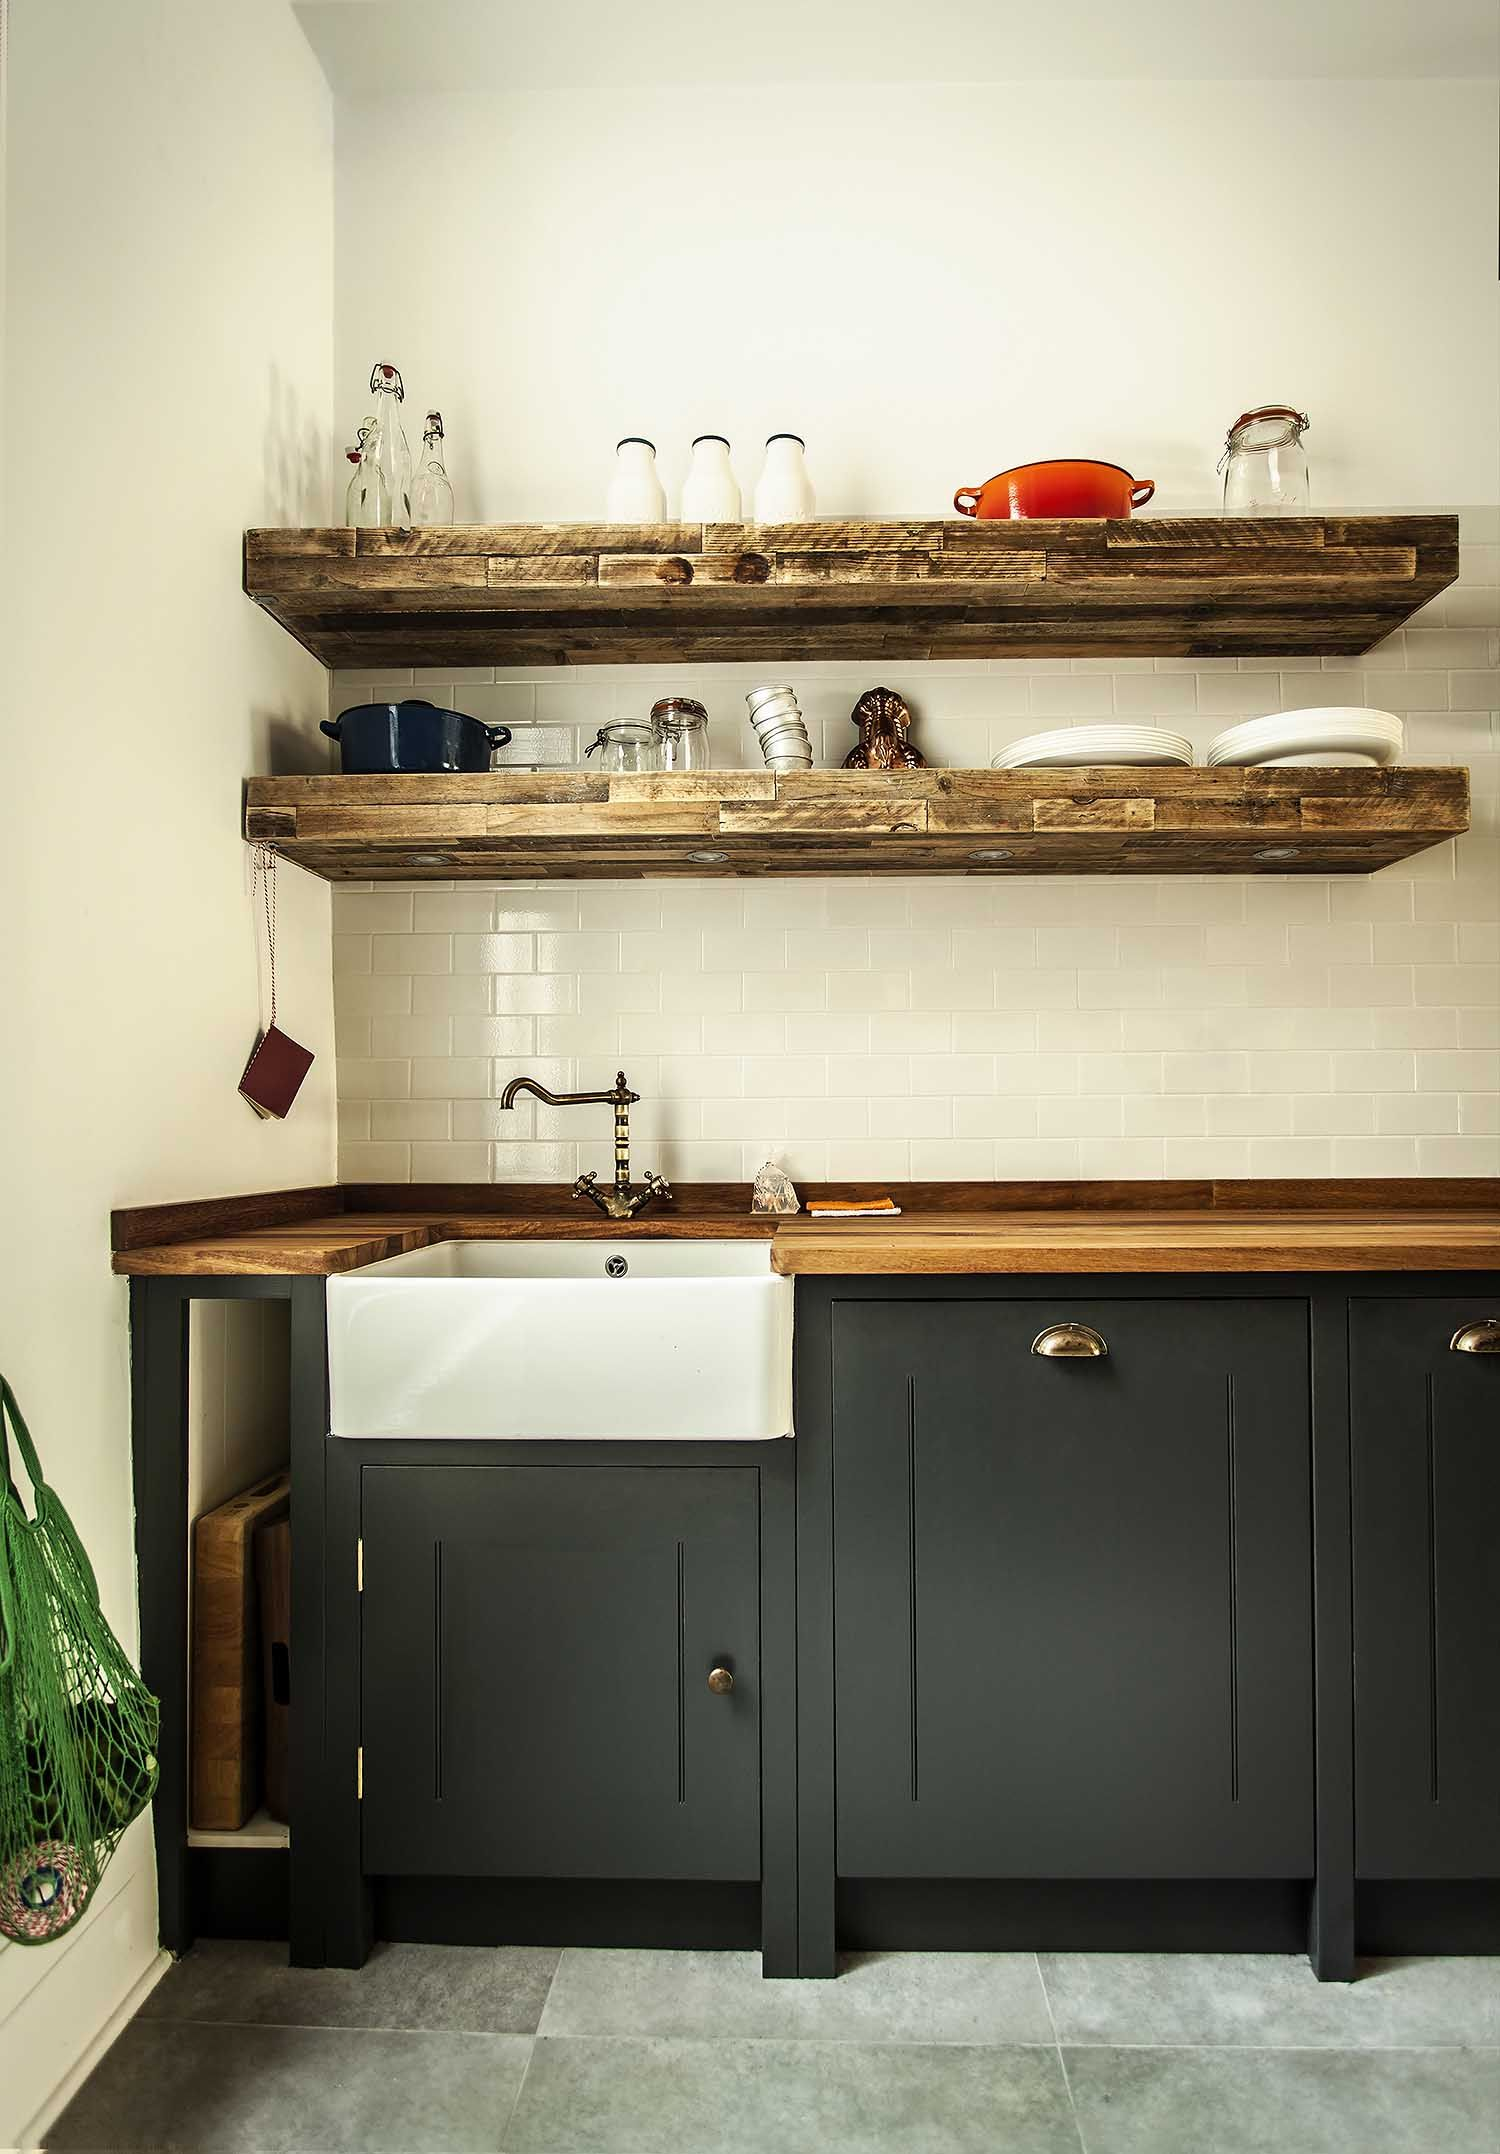 british standard kitchen my home ideas pinterest k chen rustikal haus und m bel. Black Bedroom Furniture Sets. Home Design Ideas